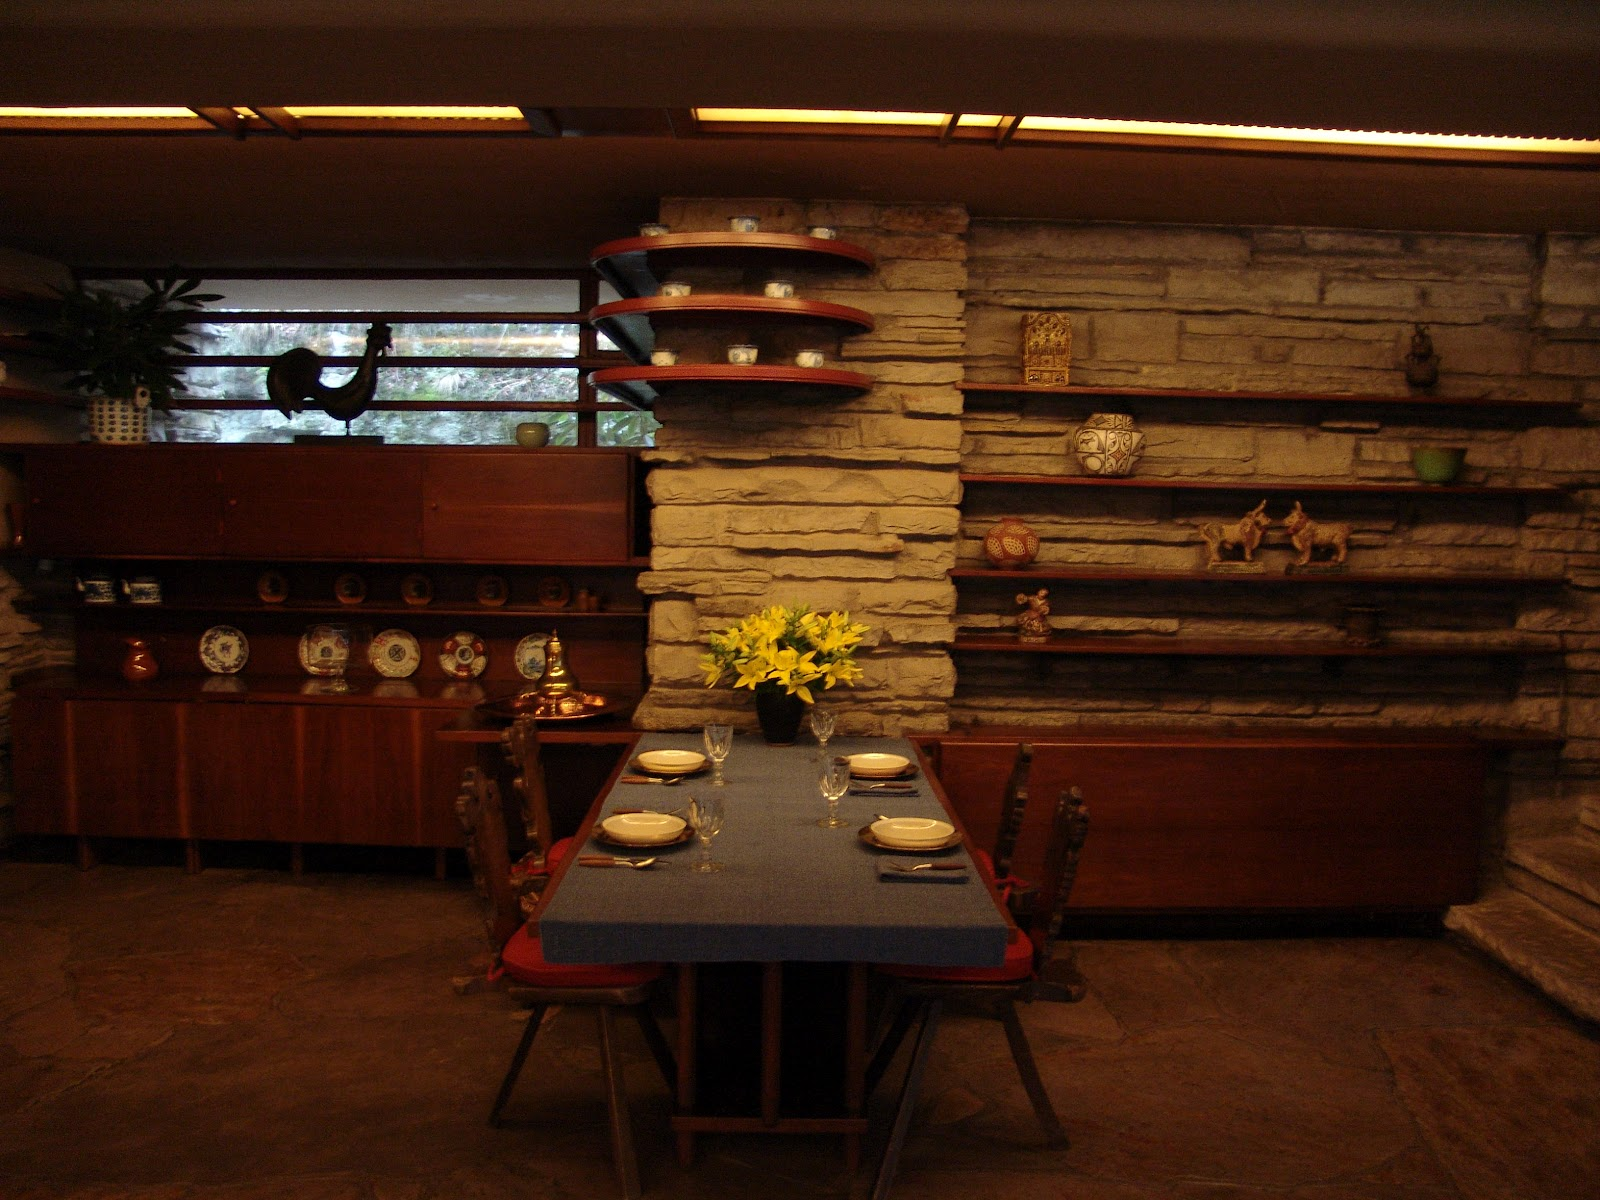 Urban planning frank lloyd wright the greatest suburban for Frank lloyd wright interior designs